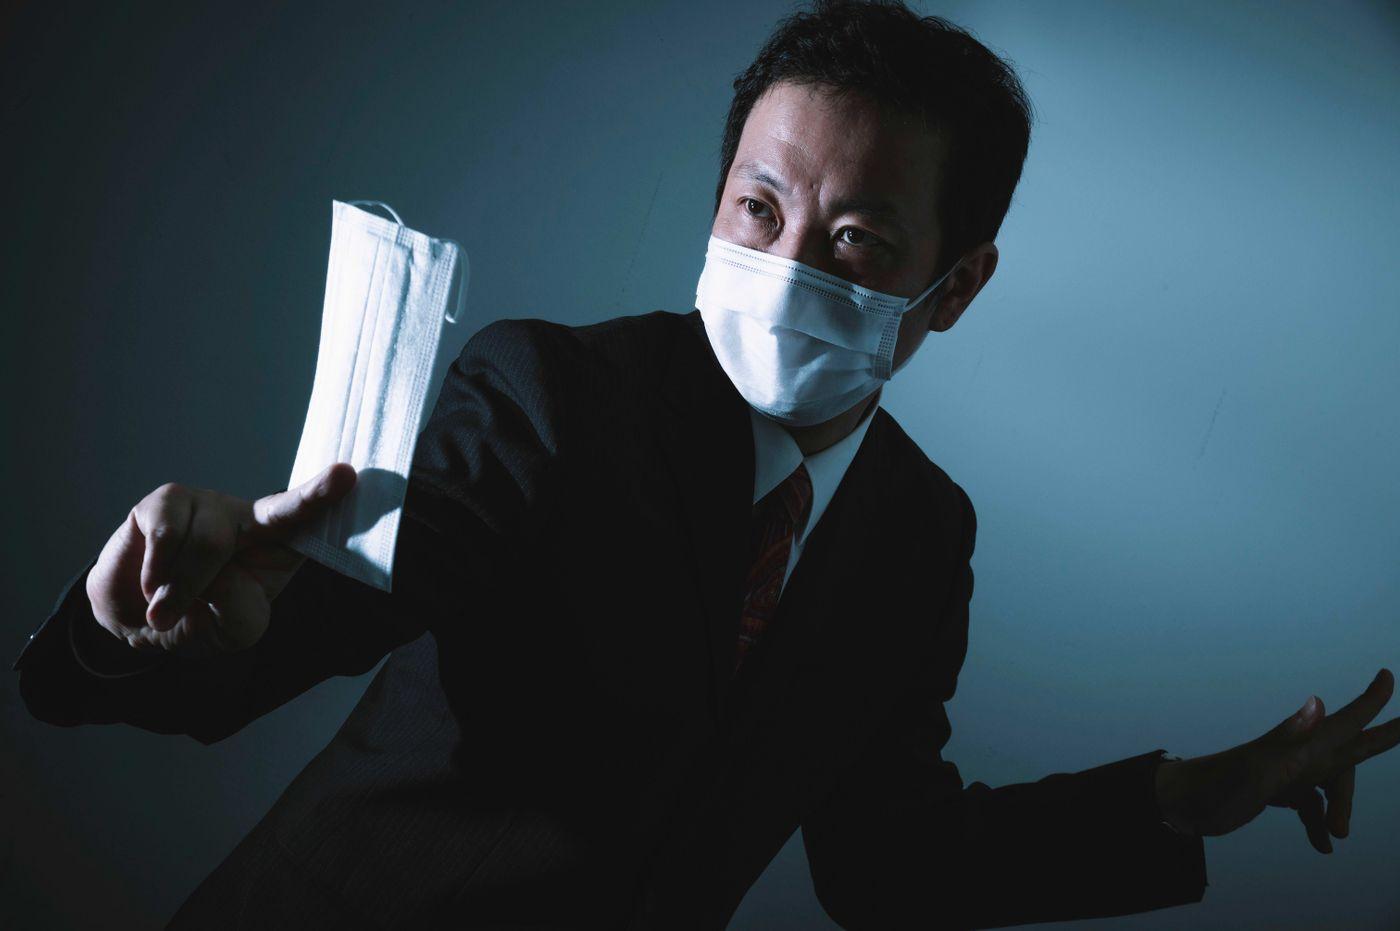 ノーマスクを見かけるとすかさず対応する正義マンの写真